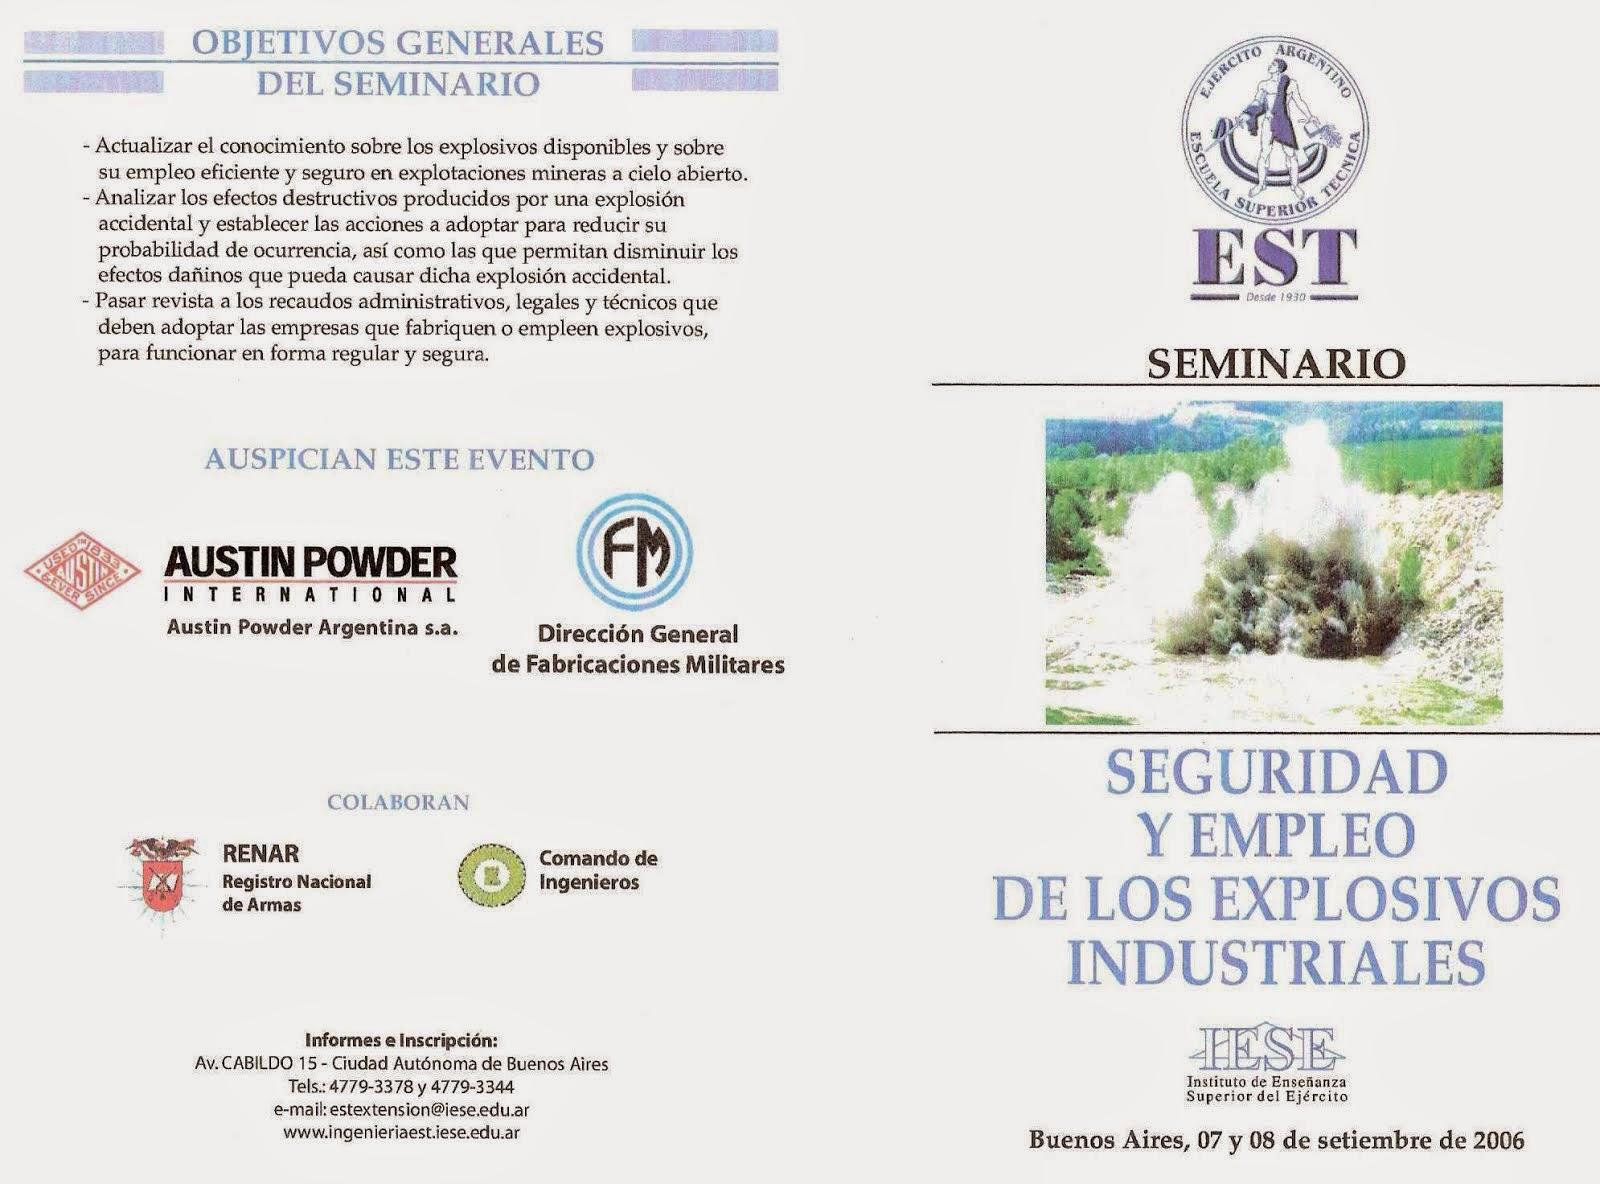 SEGURIDAD Y EMPLEO DE EXPLOSIVOS INDUSTRIALES